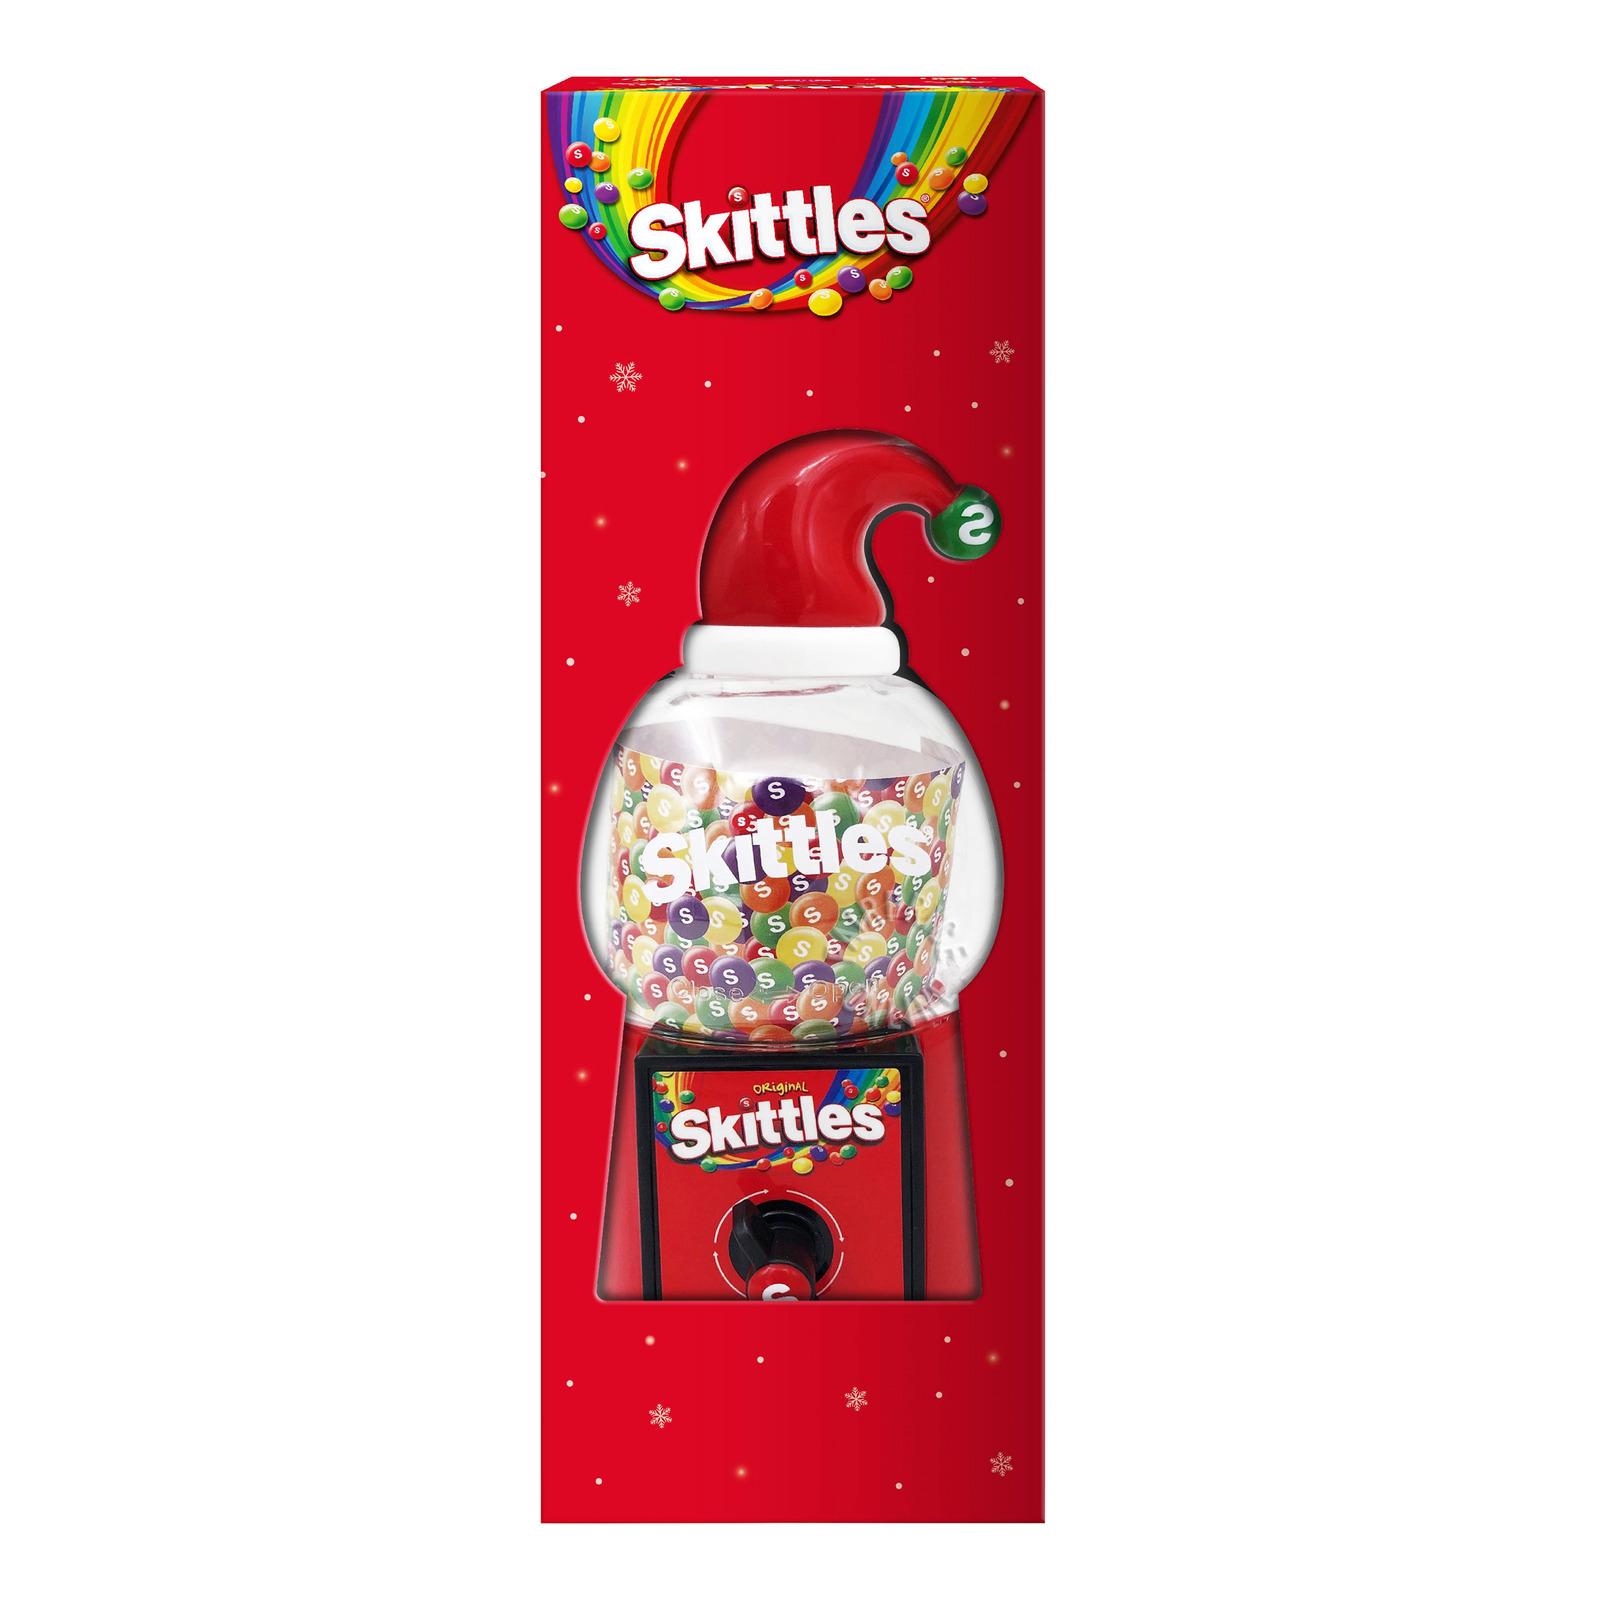 Skittles Candy Dispenser